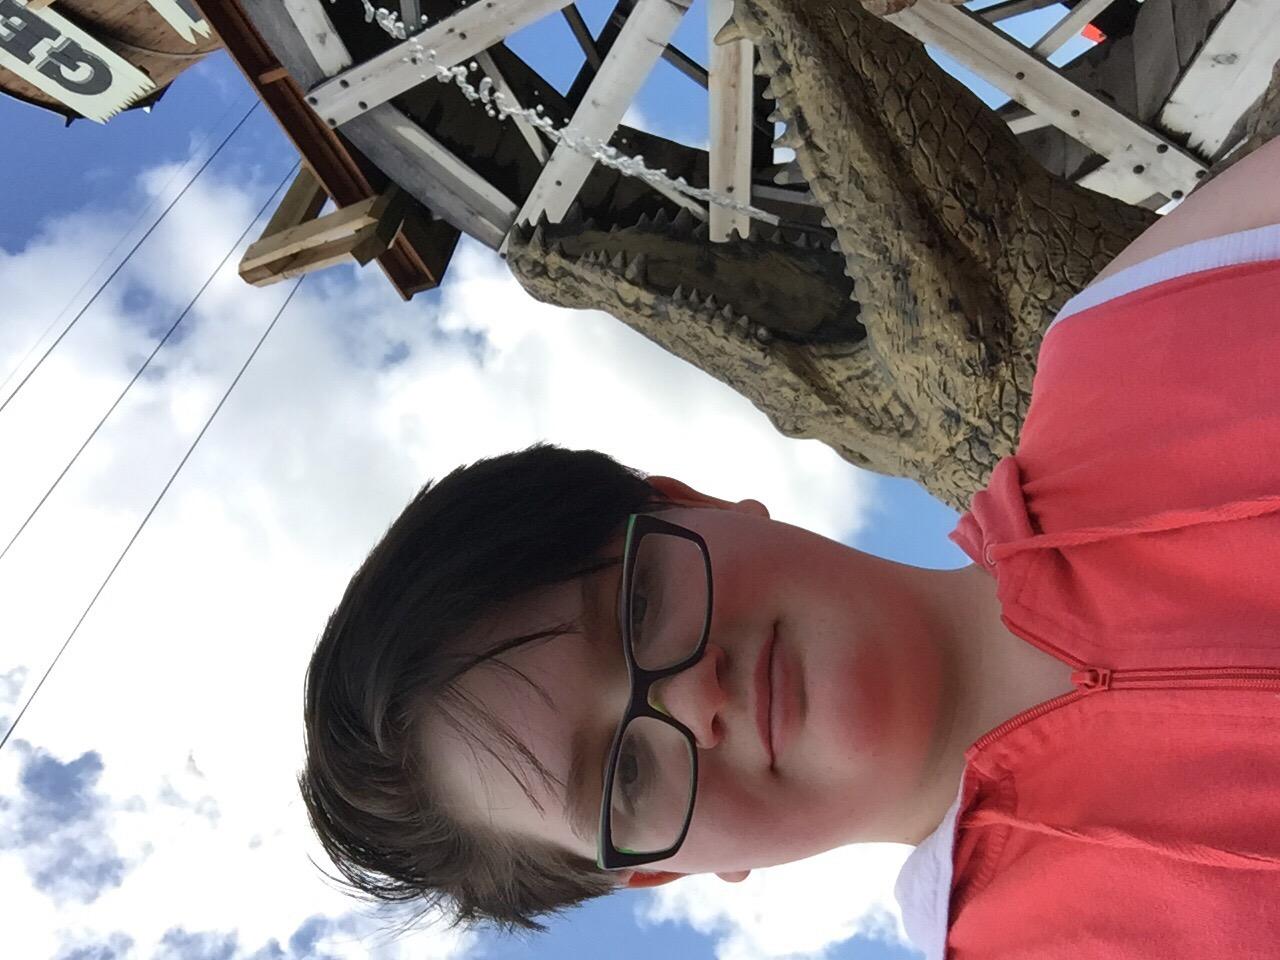 Boy photo ugly 15 Ugly